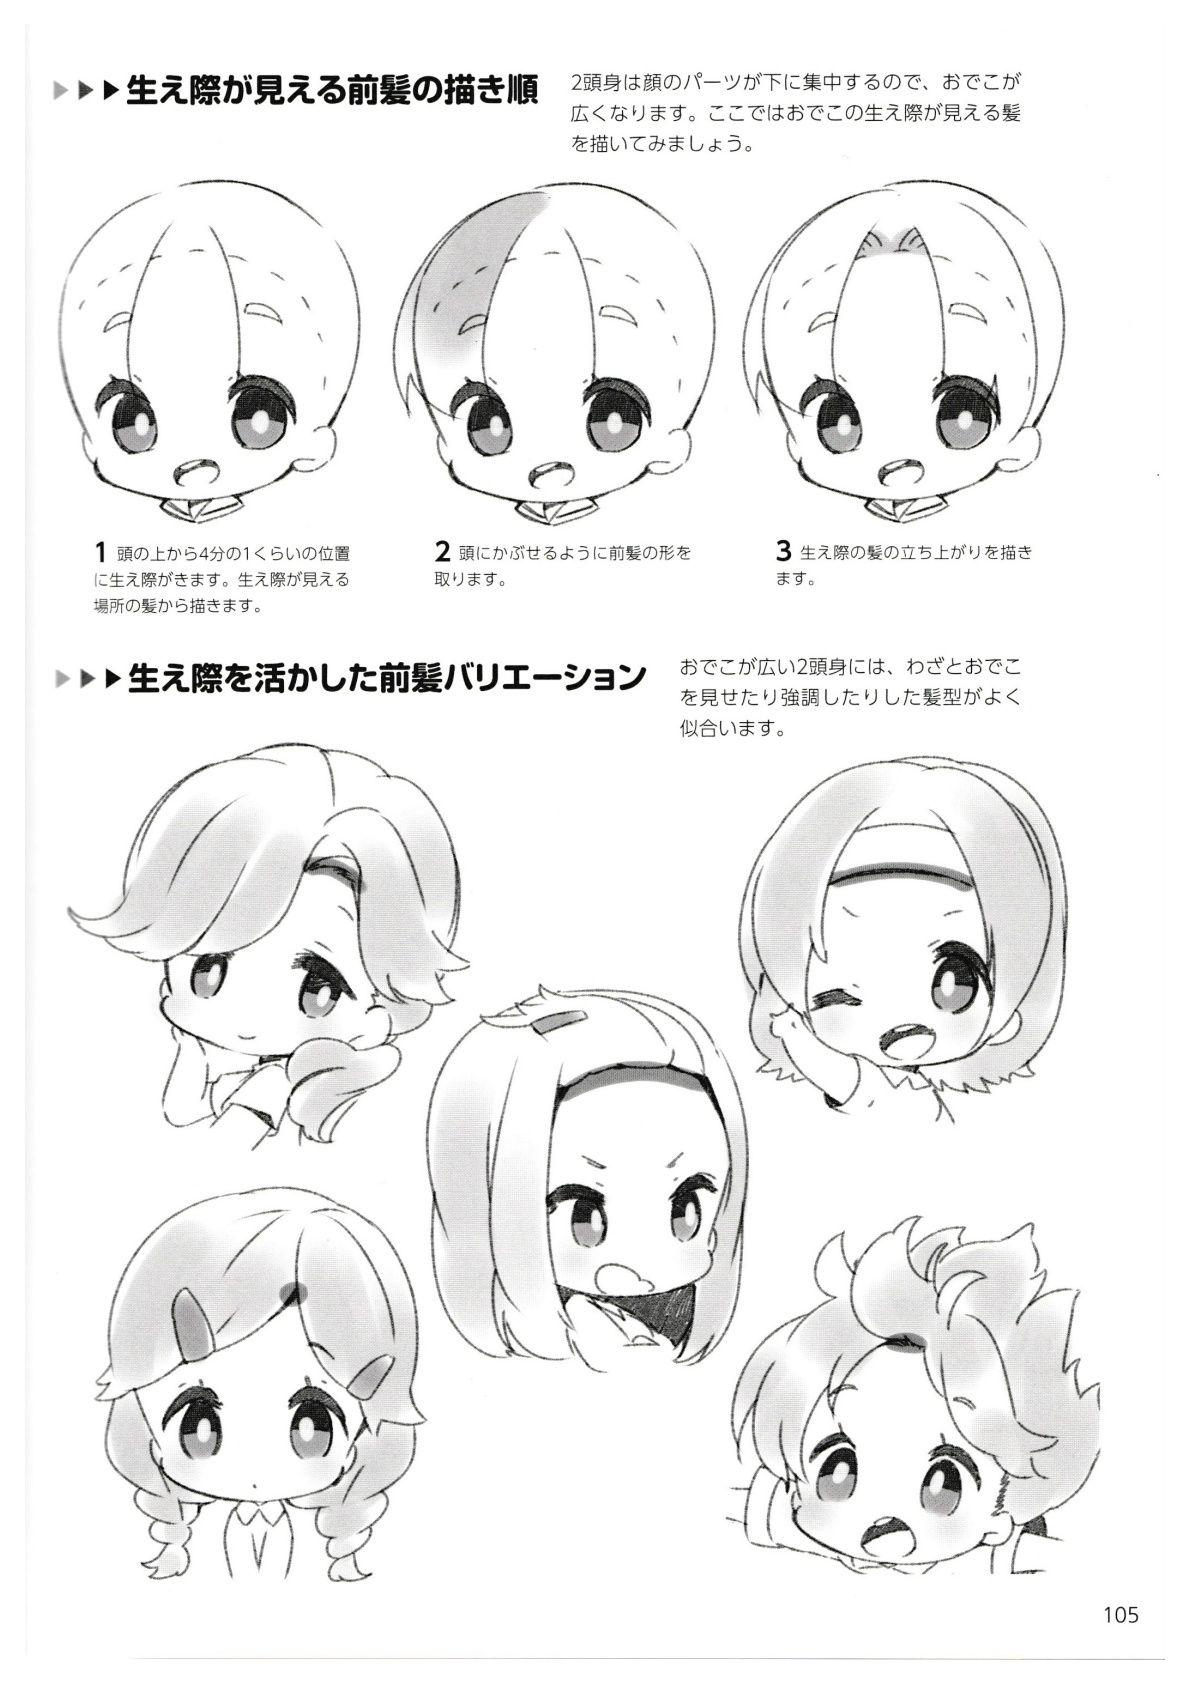 Pin By Loki Jo Akari On Draw Anime Chibi Sketch Chibi Drawings Chibi Eyes